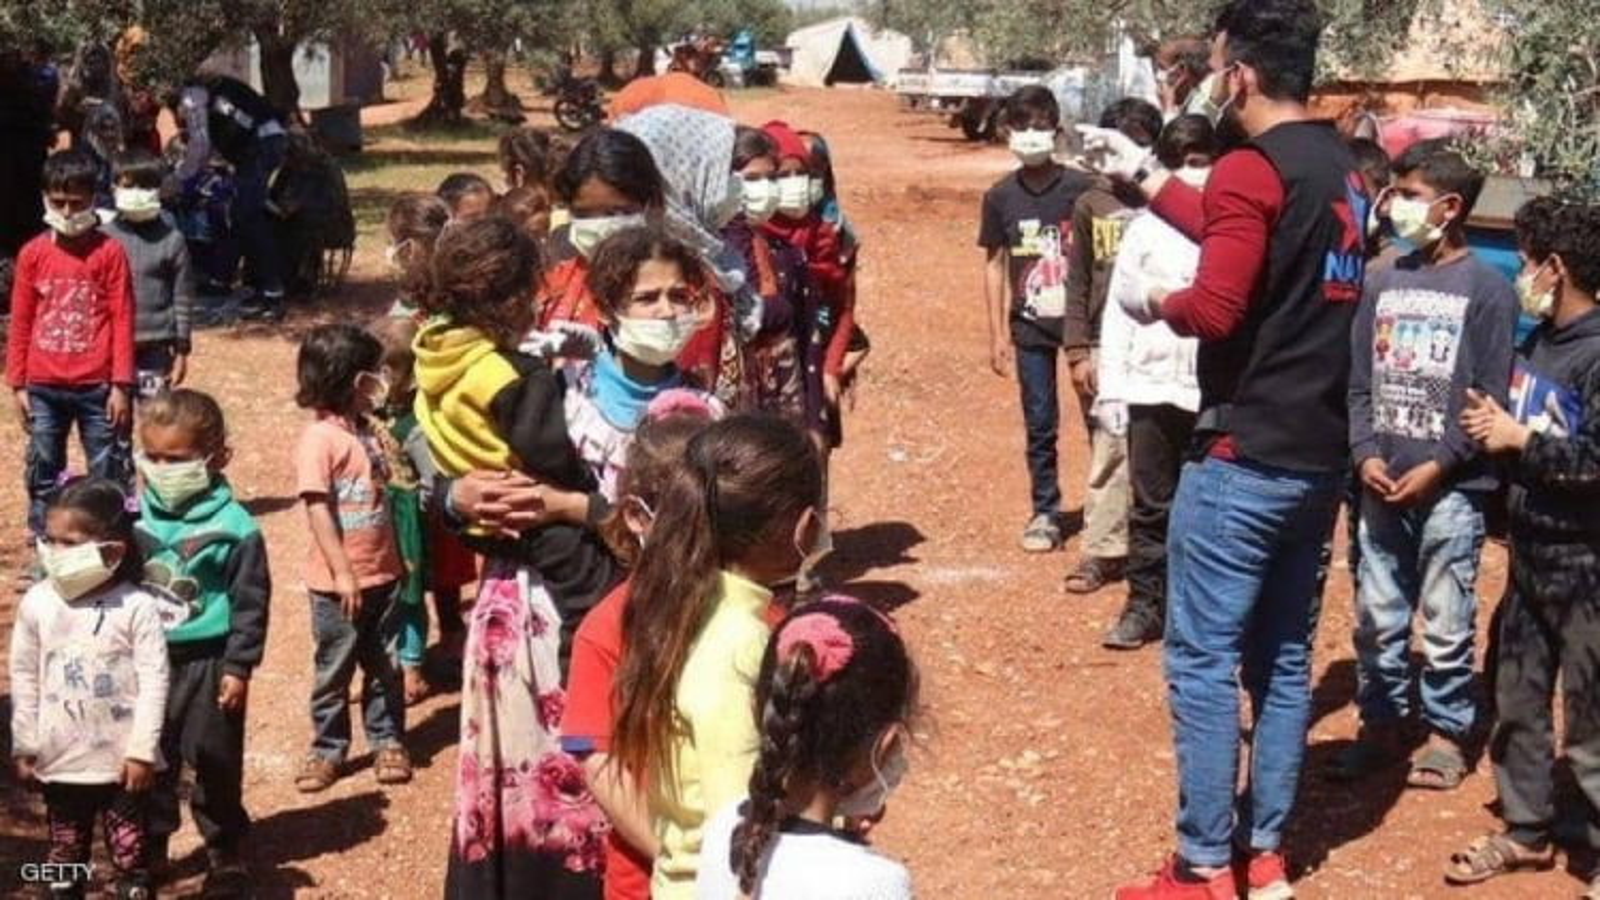 Lây lan Covid-19 trong các trại tị nạn ở Syria sẽ biến thành thảm họa